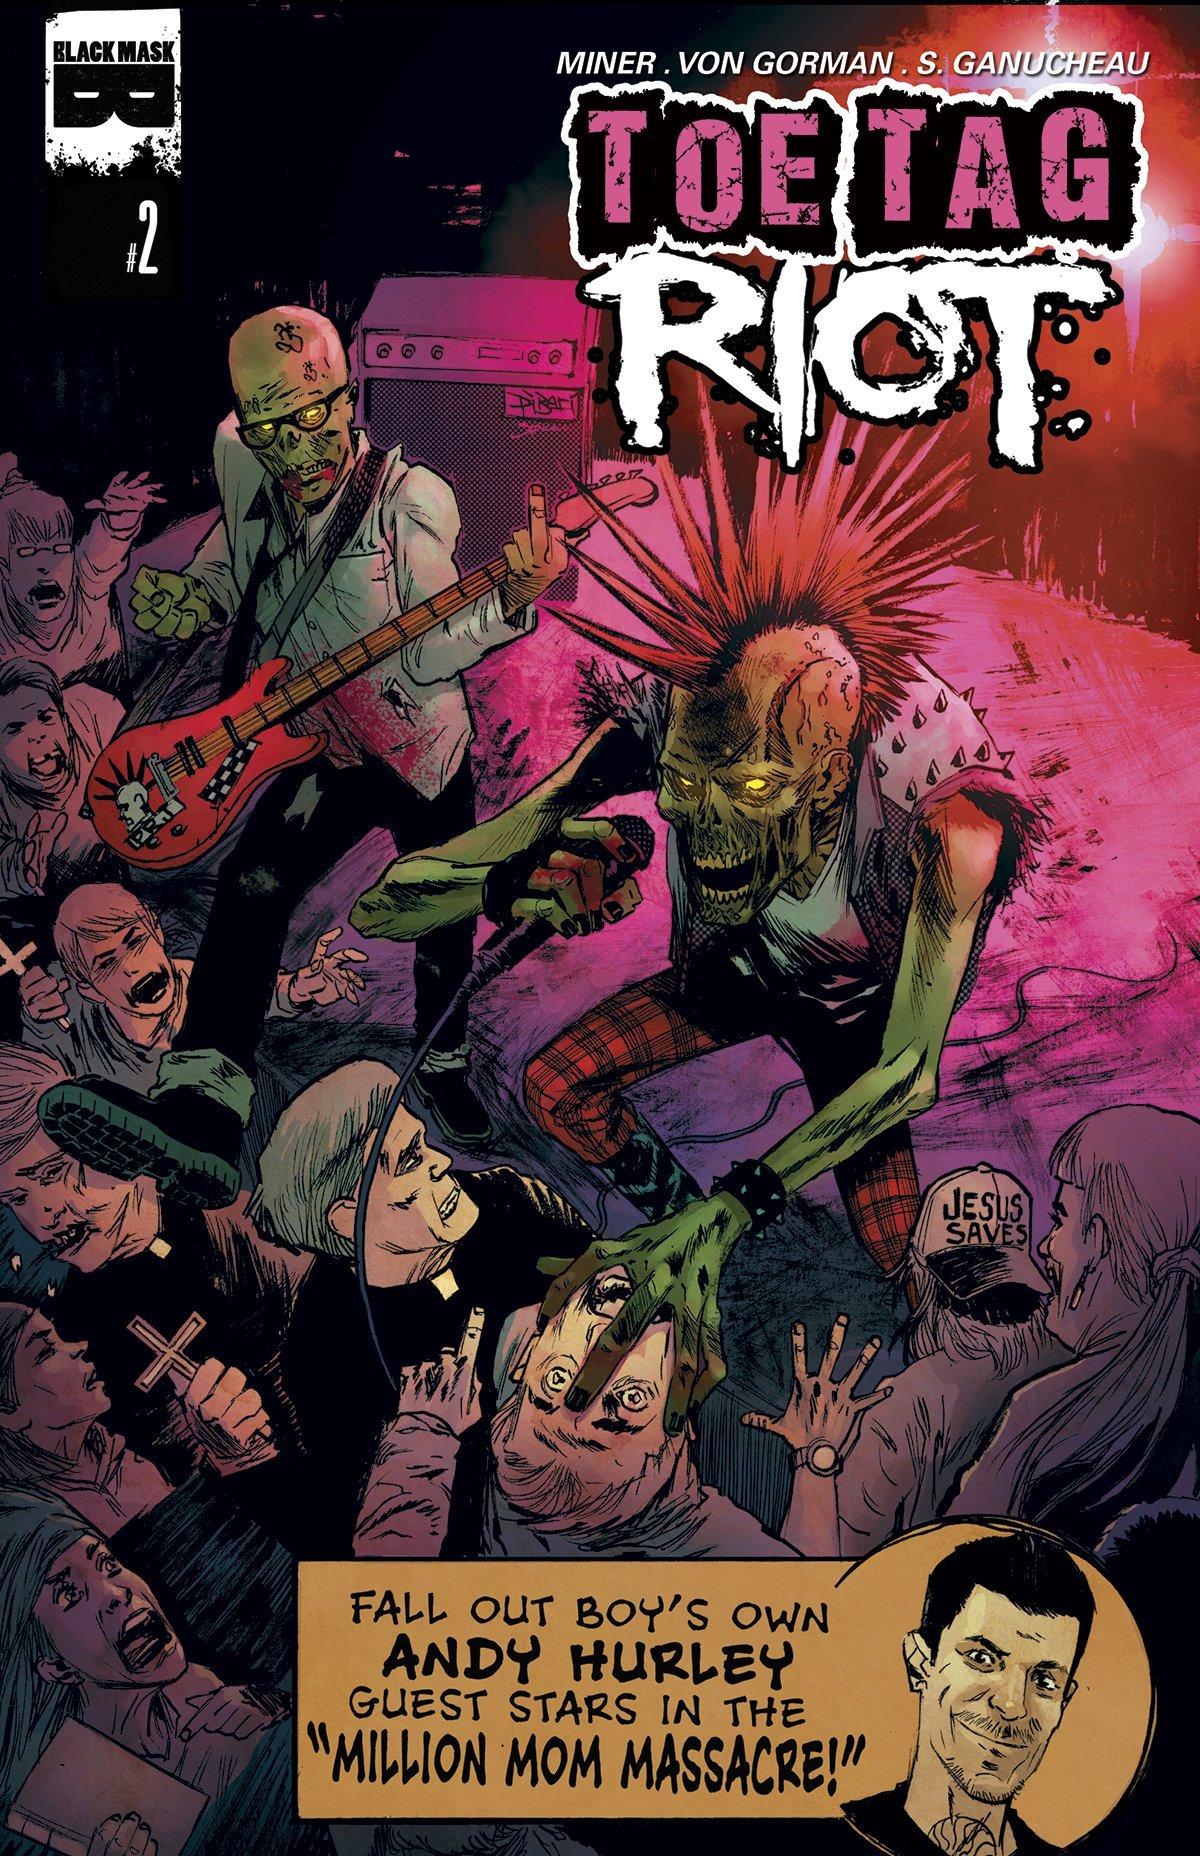 Toe Tag Riot #2 Matt Miner